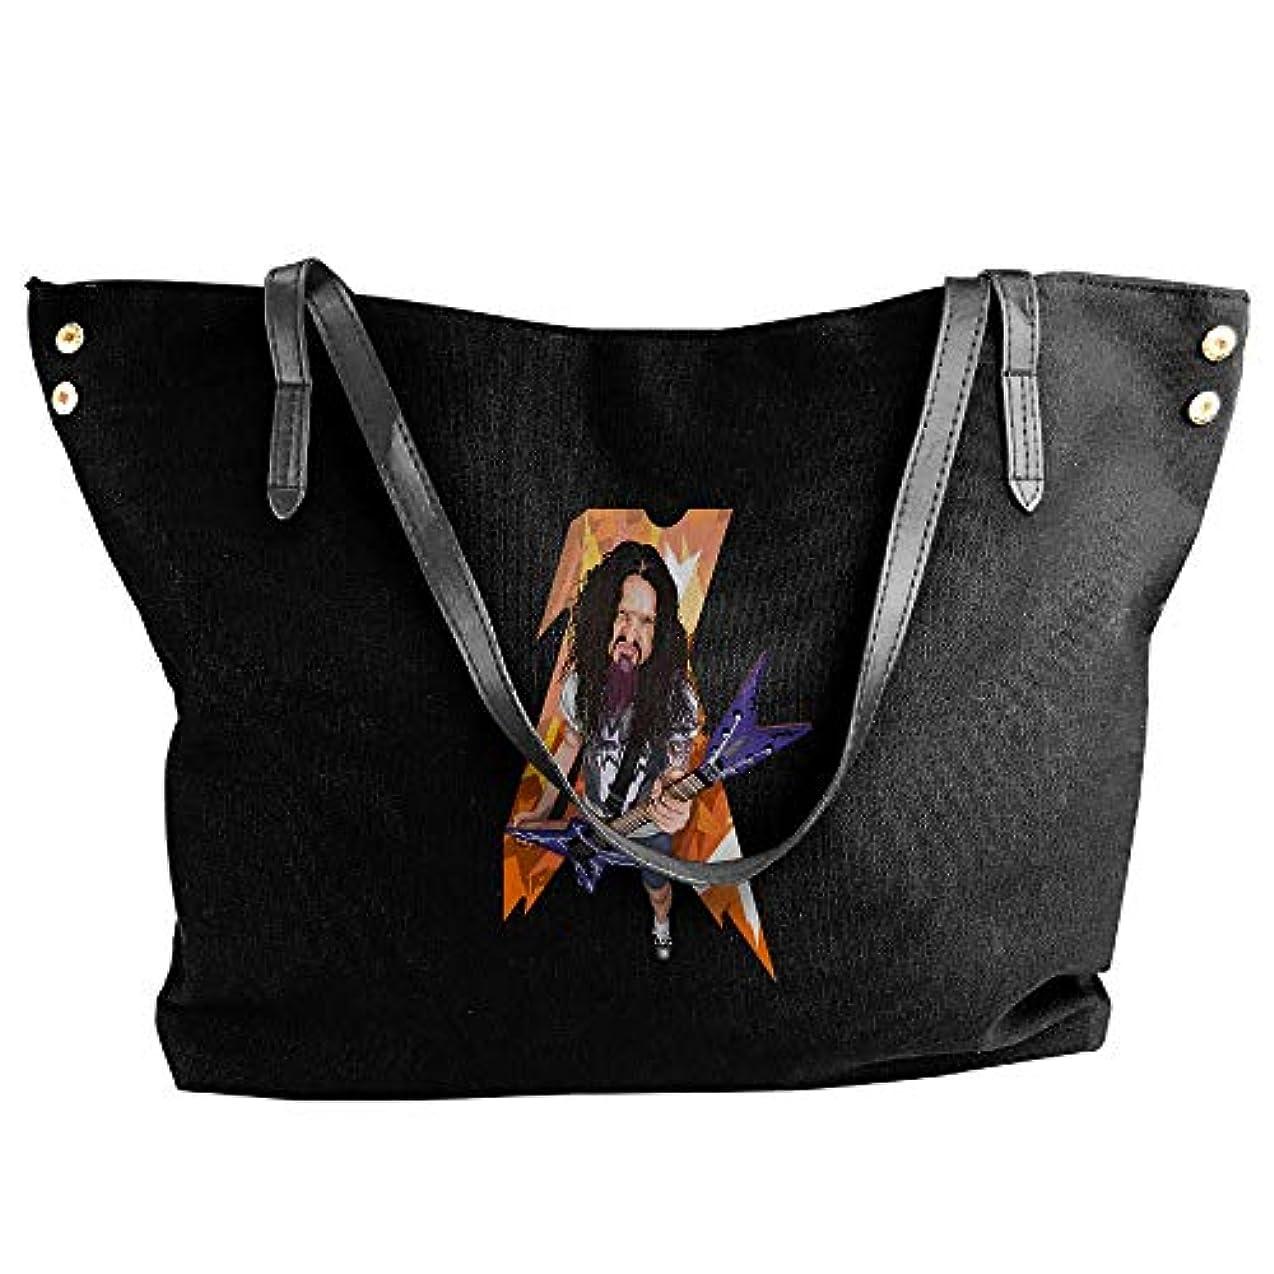 スリップシューズスチュワーデス真実に2019最新レディースバッグ ファッション若い女の子ストリートショッピングキャンバスのショルダーバッグ Dimebag-darrel 人気のバッグ 大容量 リュック